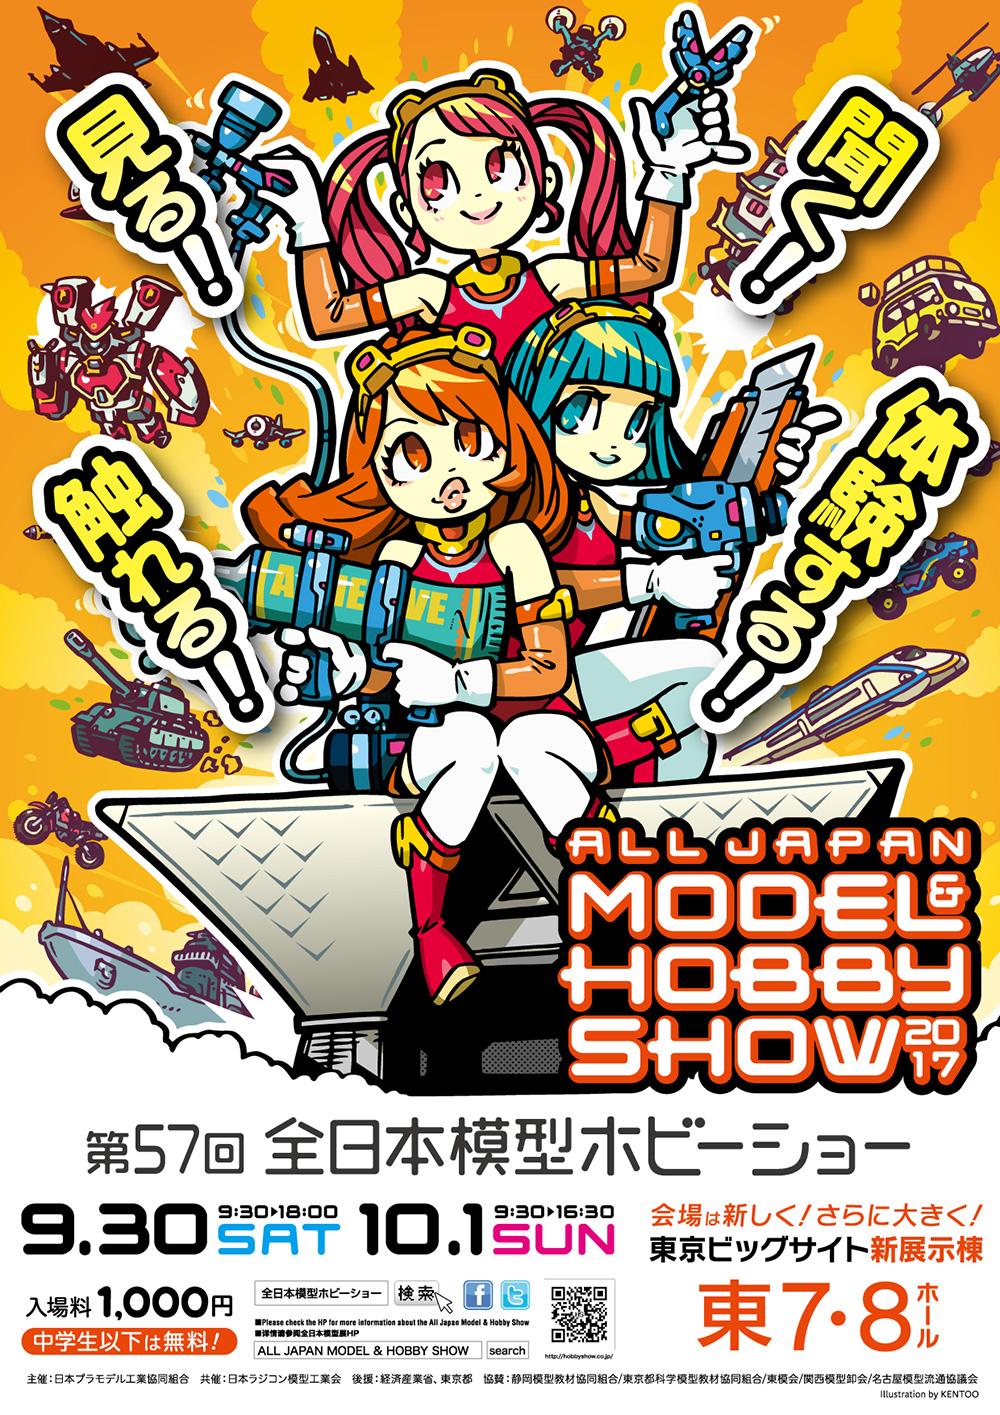 http://www.rokuhan.com/news/17hs_poster.jpg